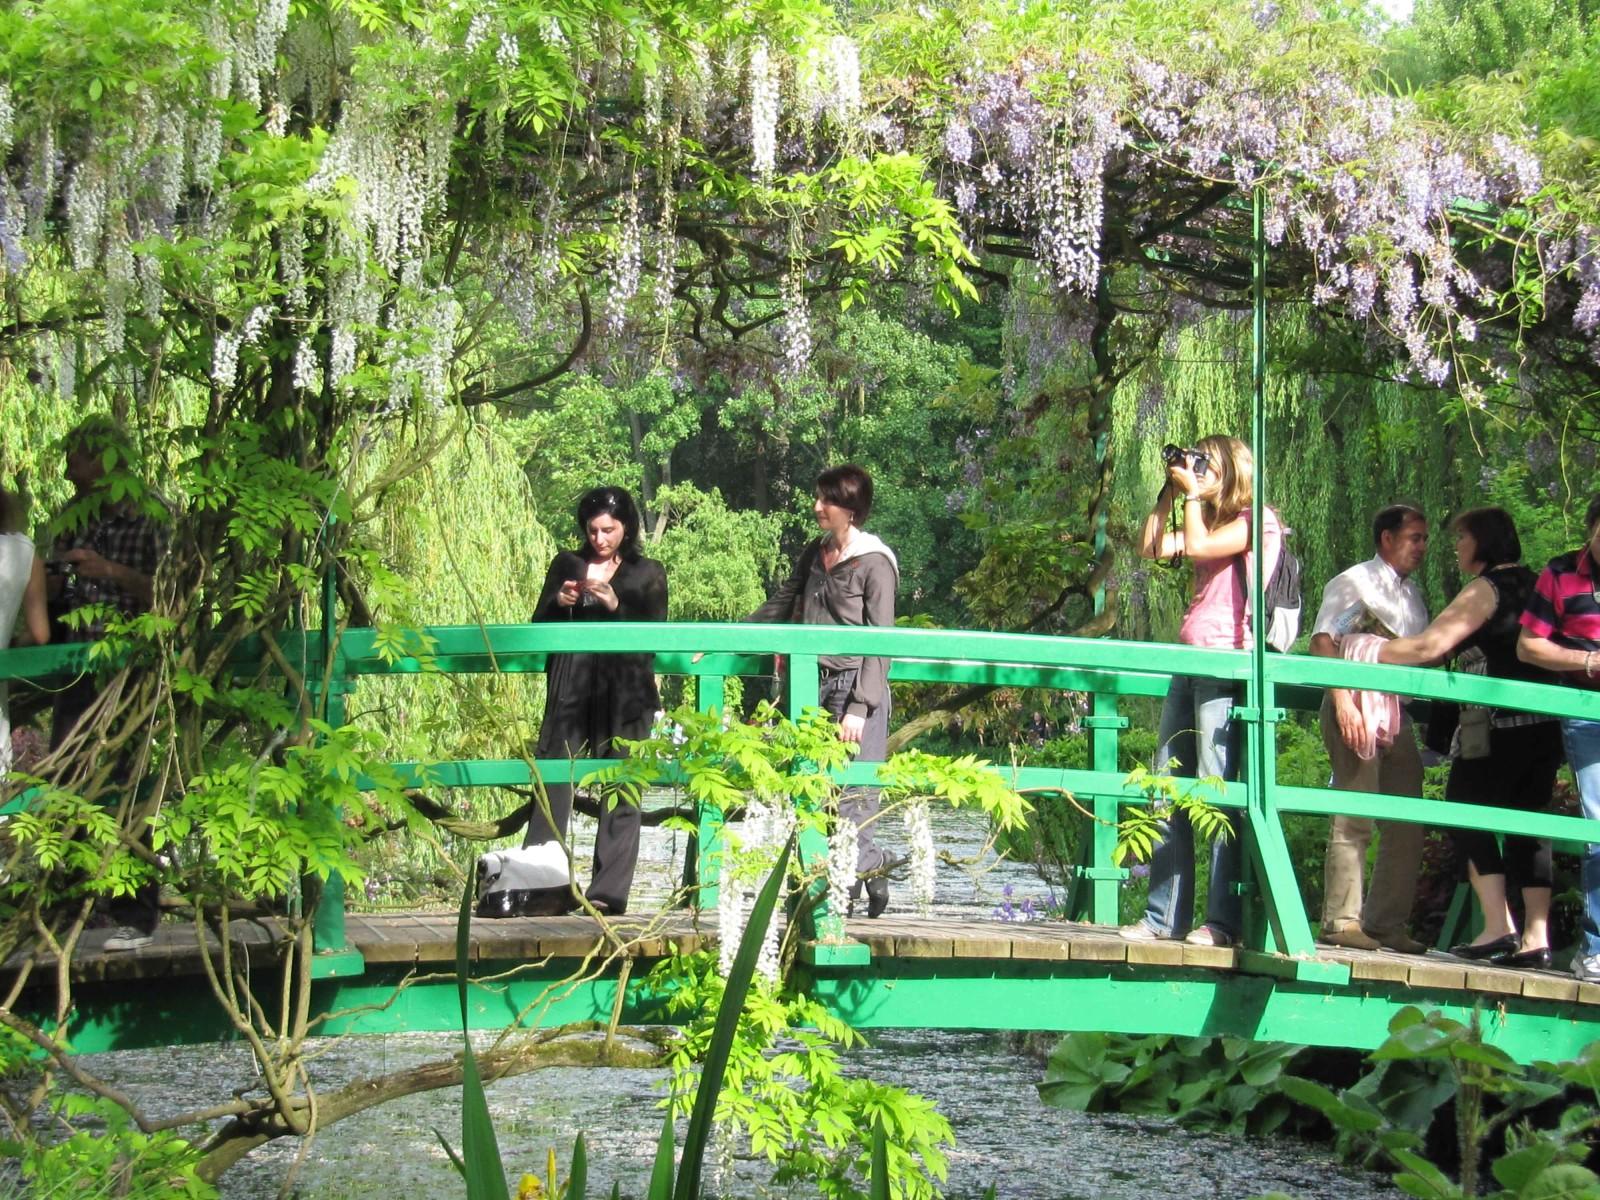 Dites moi a little bit of paradise - Livre le jardin de monet ...